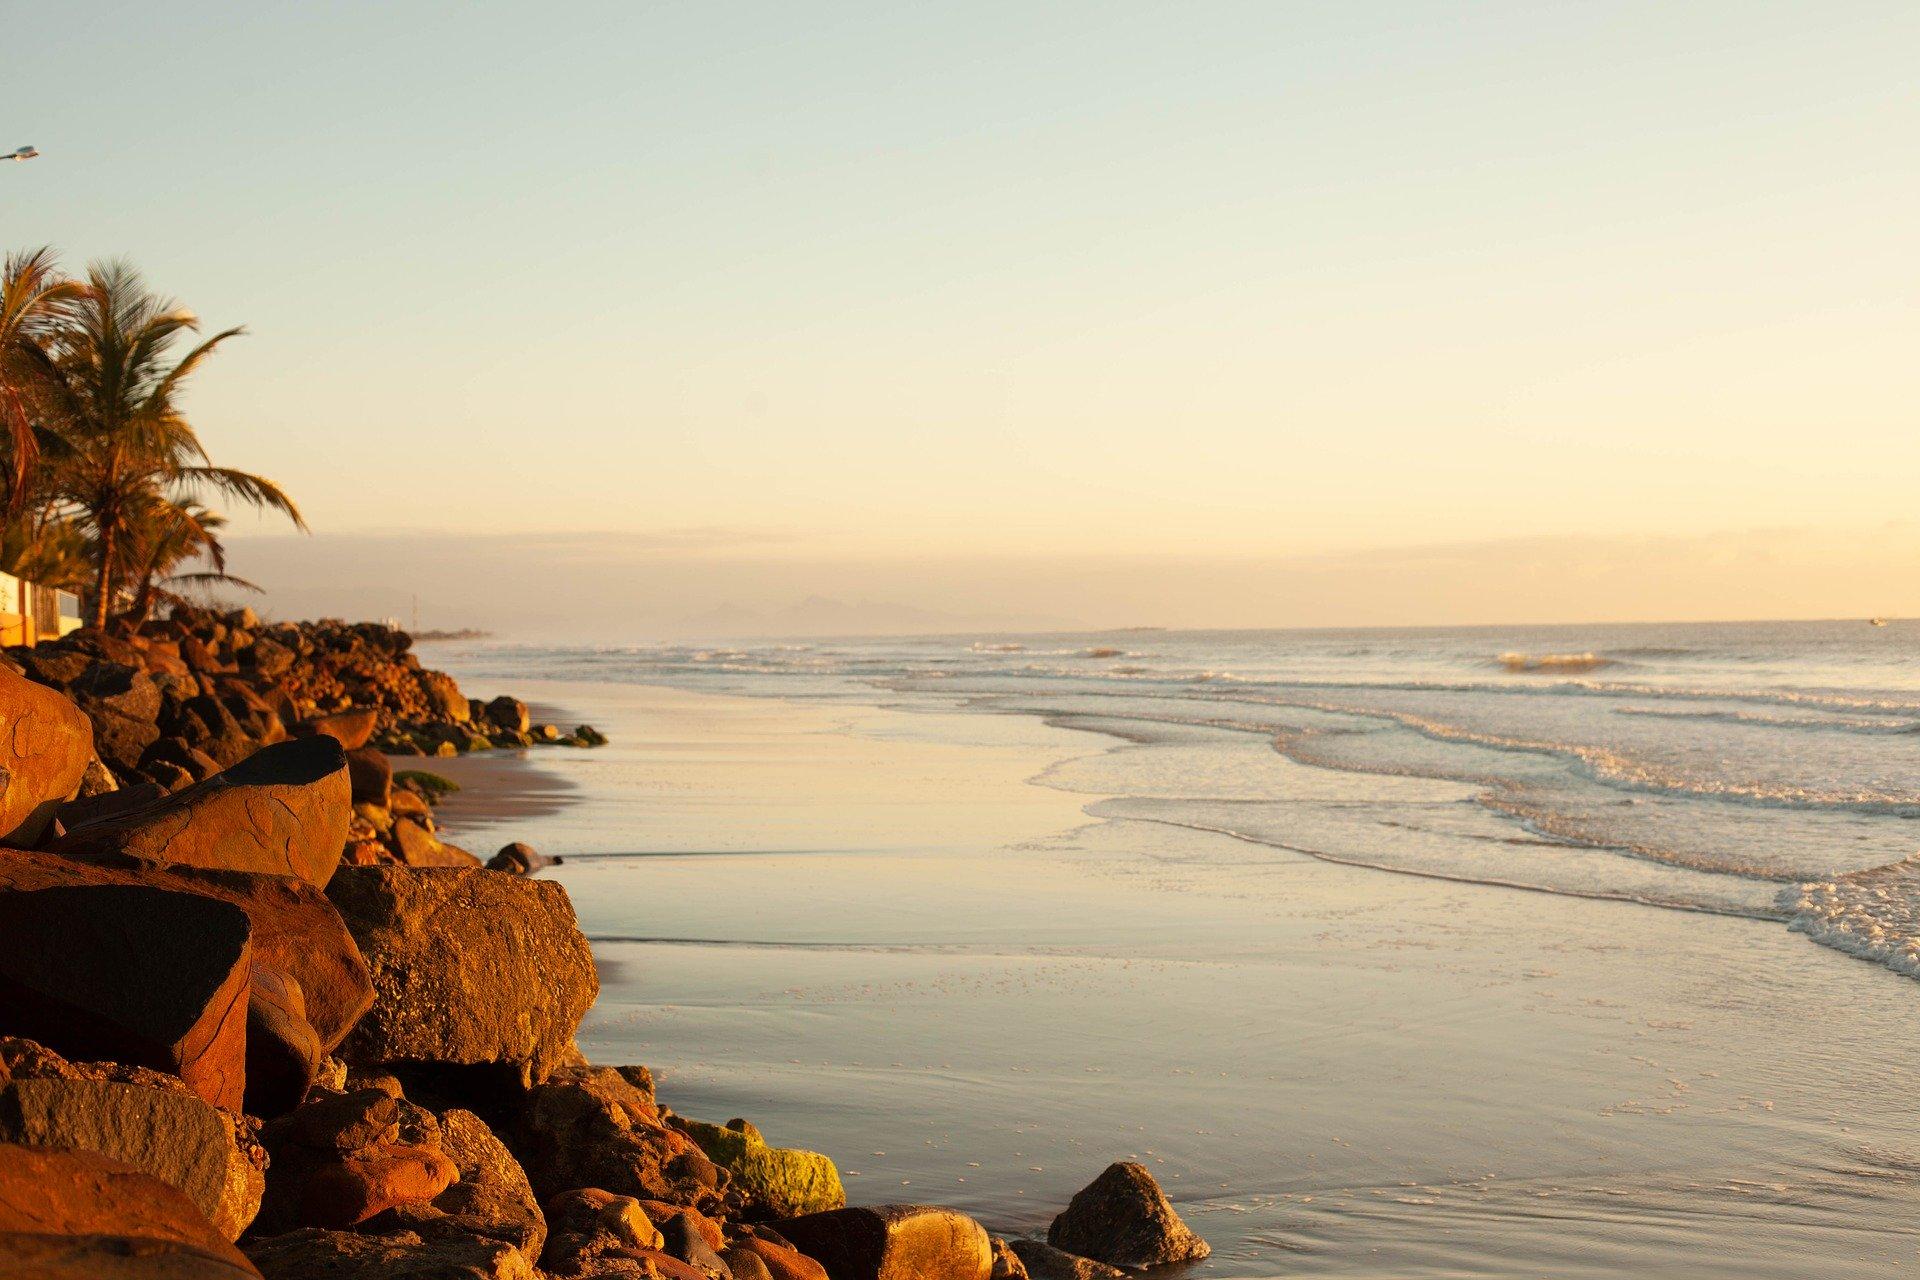 Turismo post pandemia: ¿Qué debemos considerar para nuestros próximos viajes?